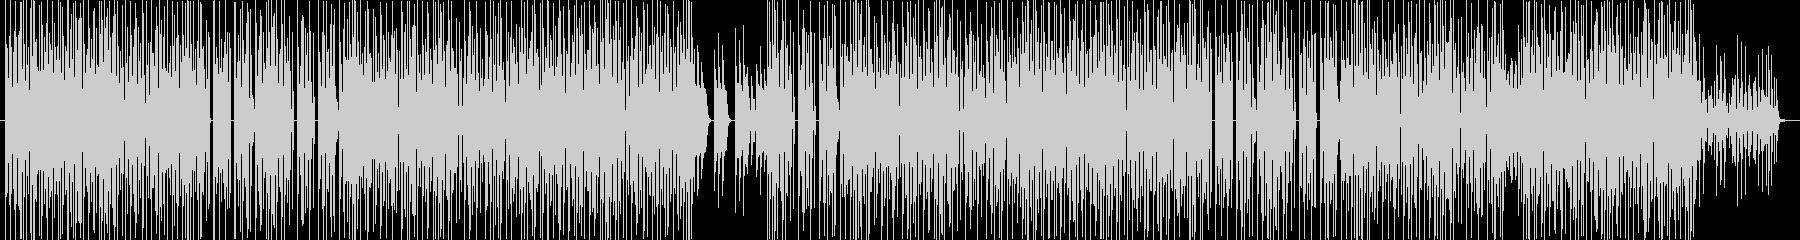 ヒップホップ、クラブ、洋楽トラック♪の未再生の波形